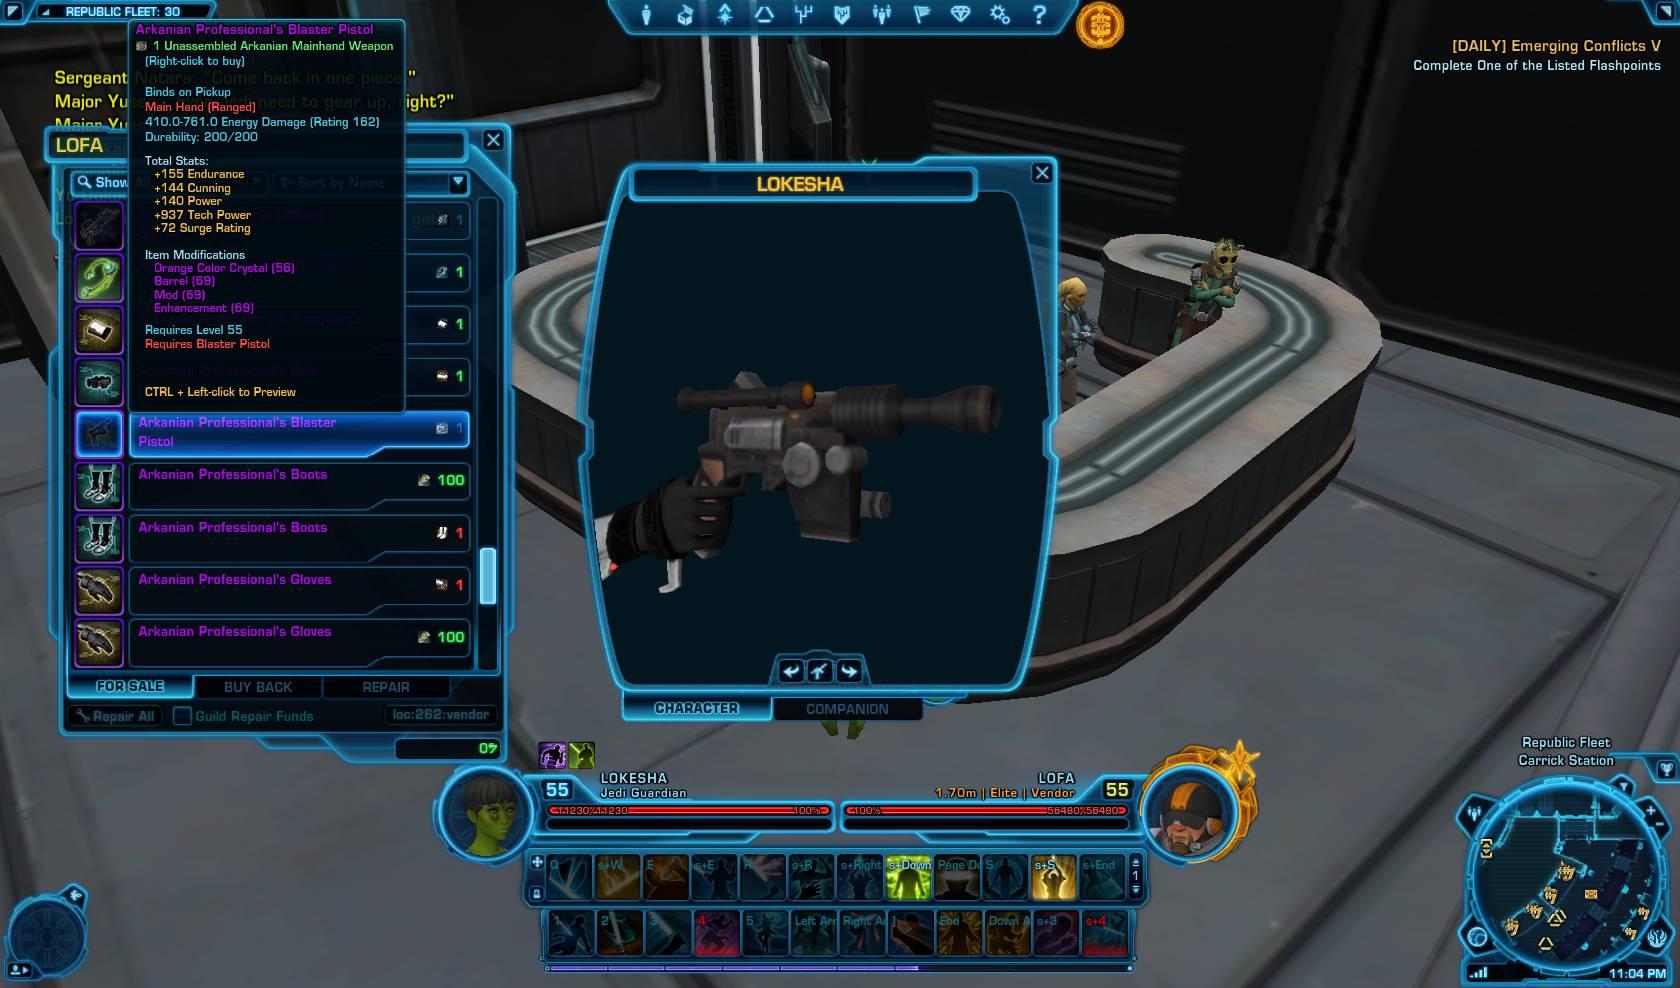 swtor arkanian professional blaster pistol